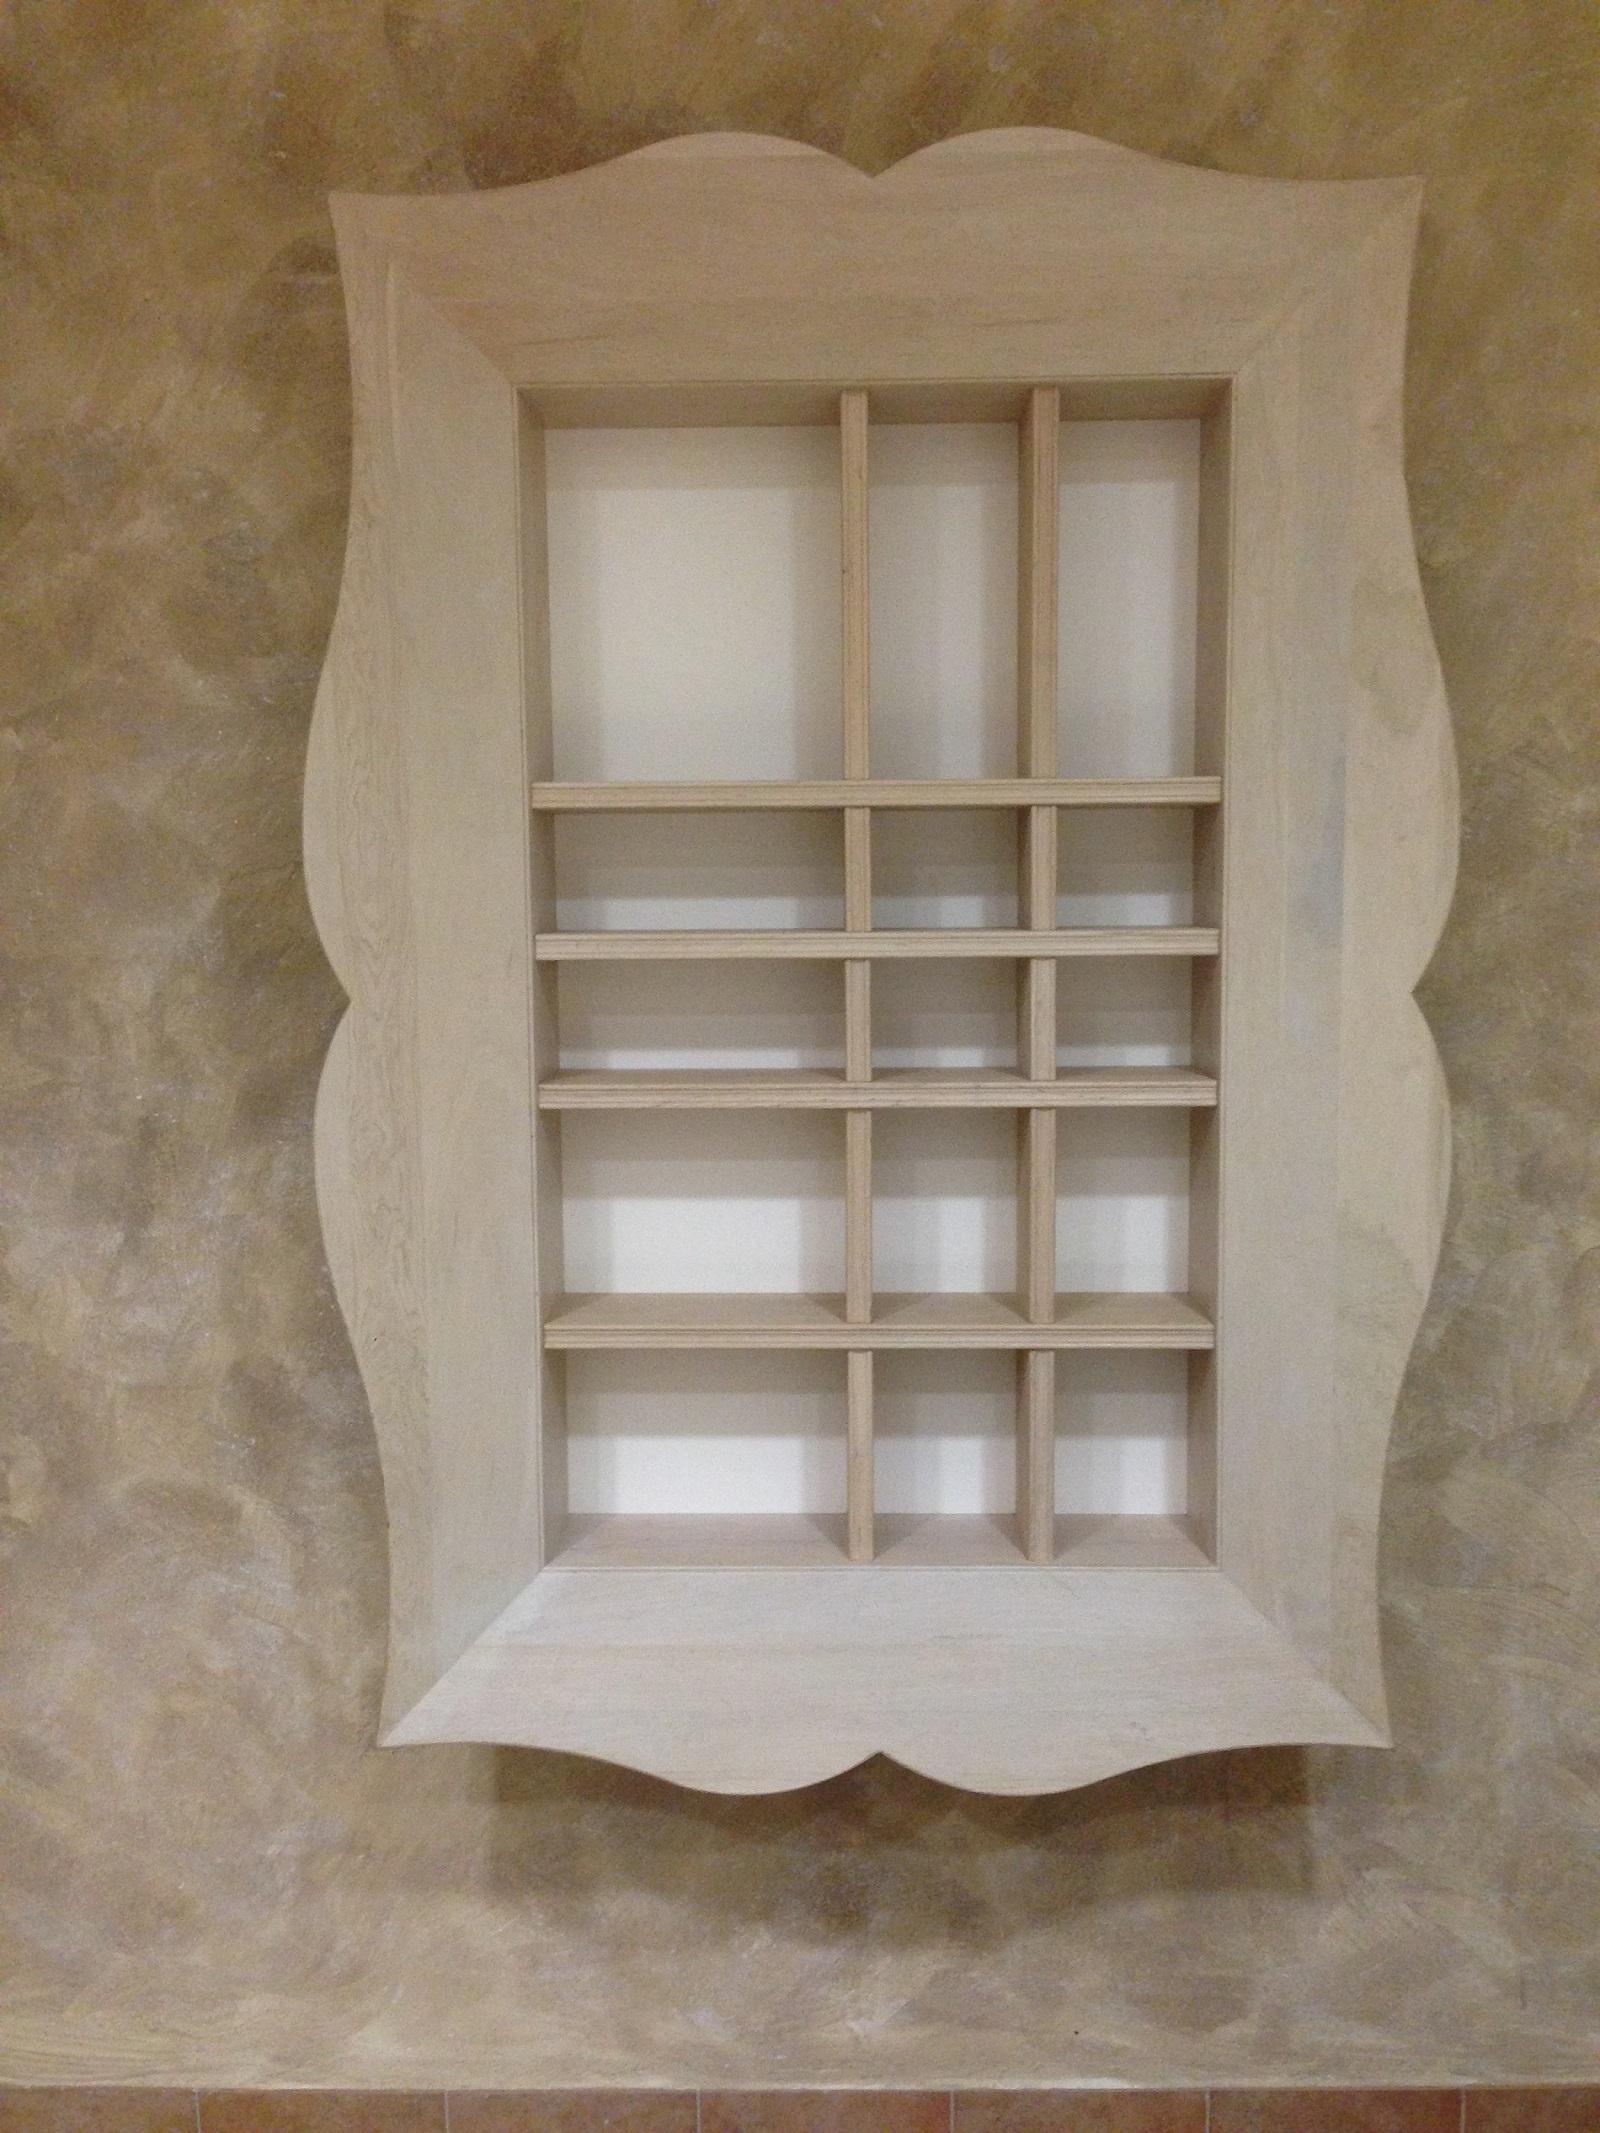 Libreria soggiorno prezzi: soggiorno libreria luce laccato bianco ...